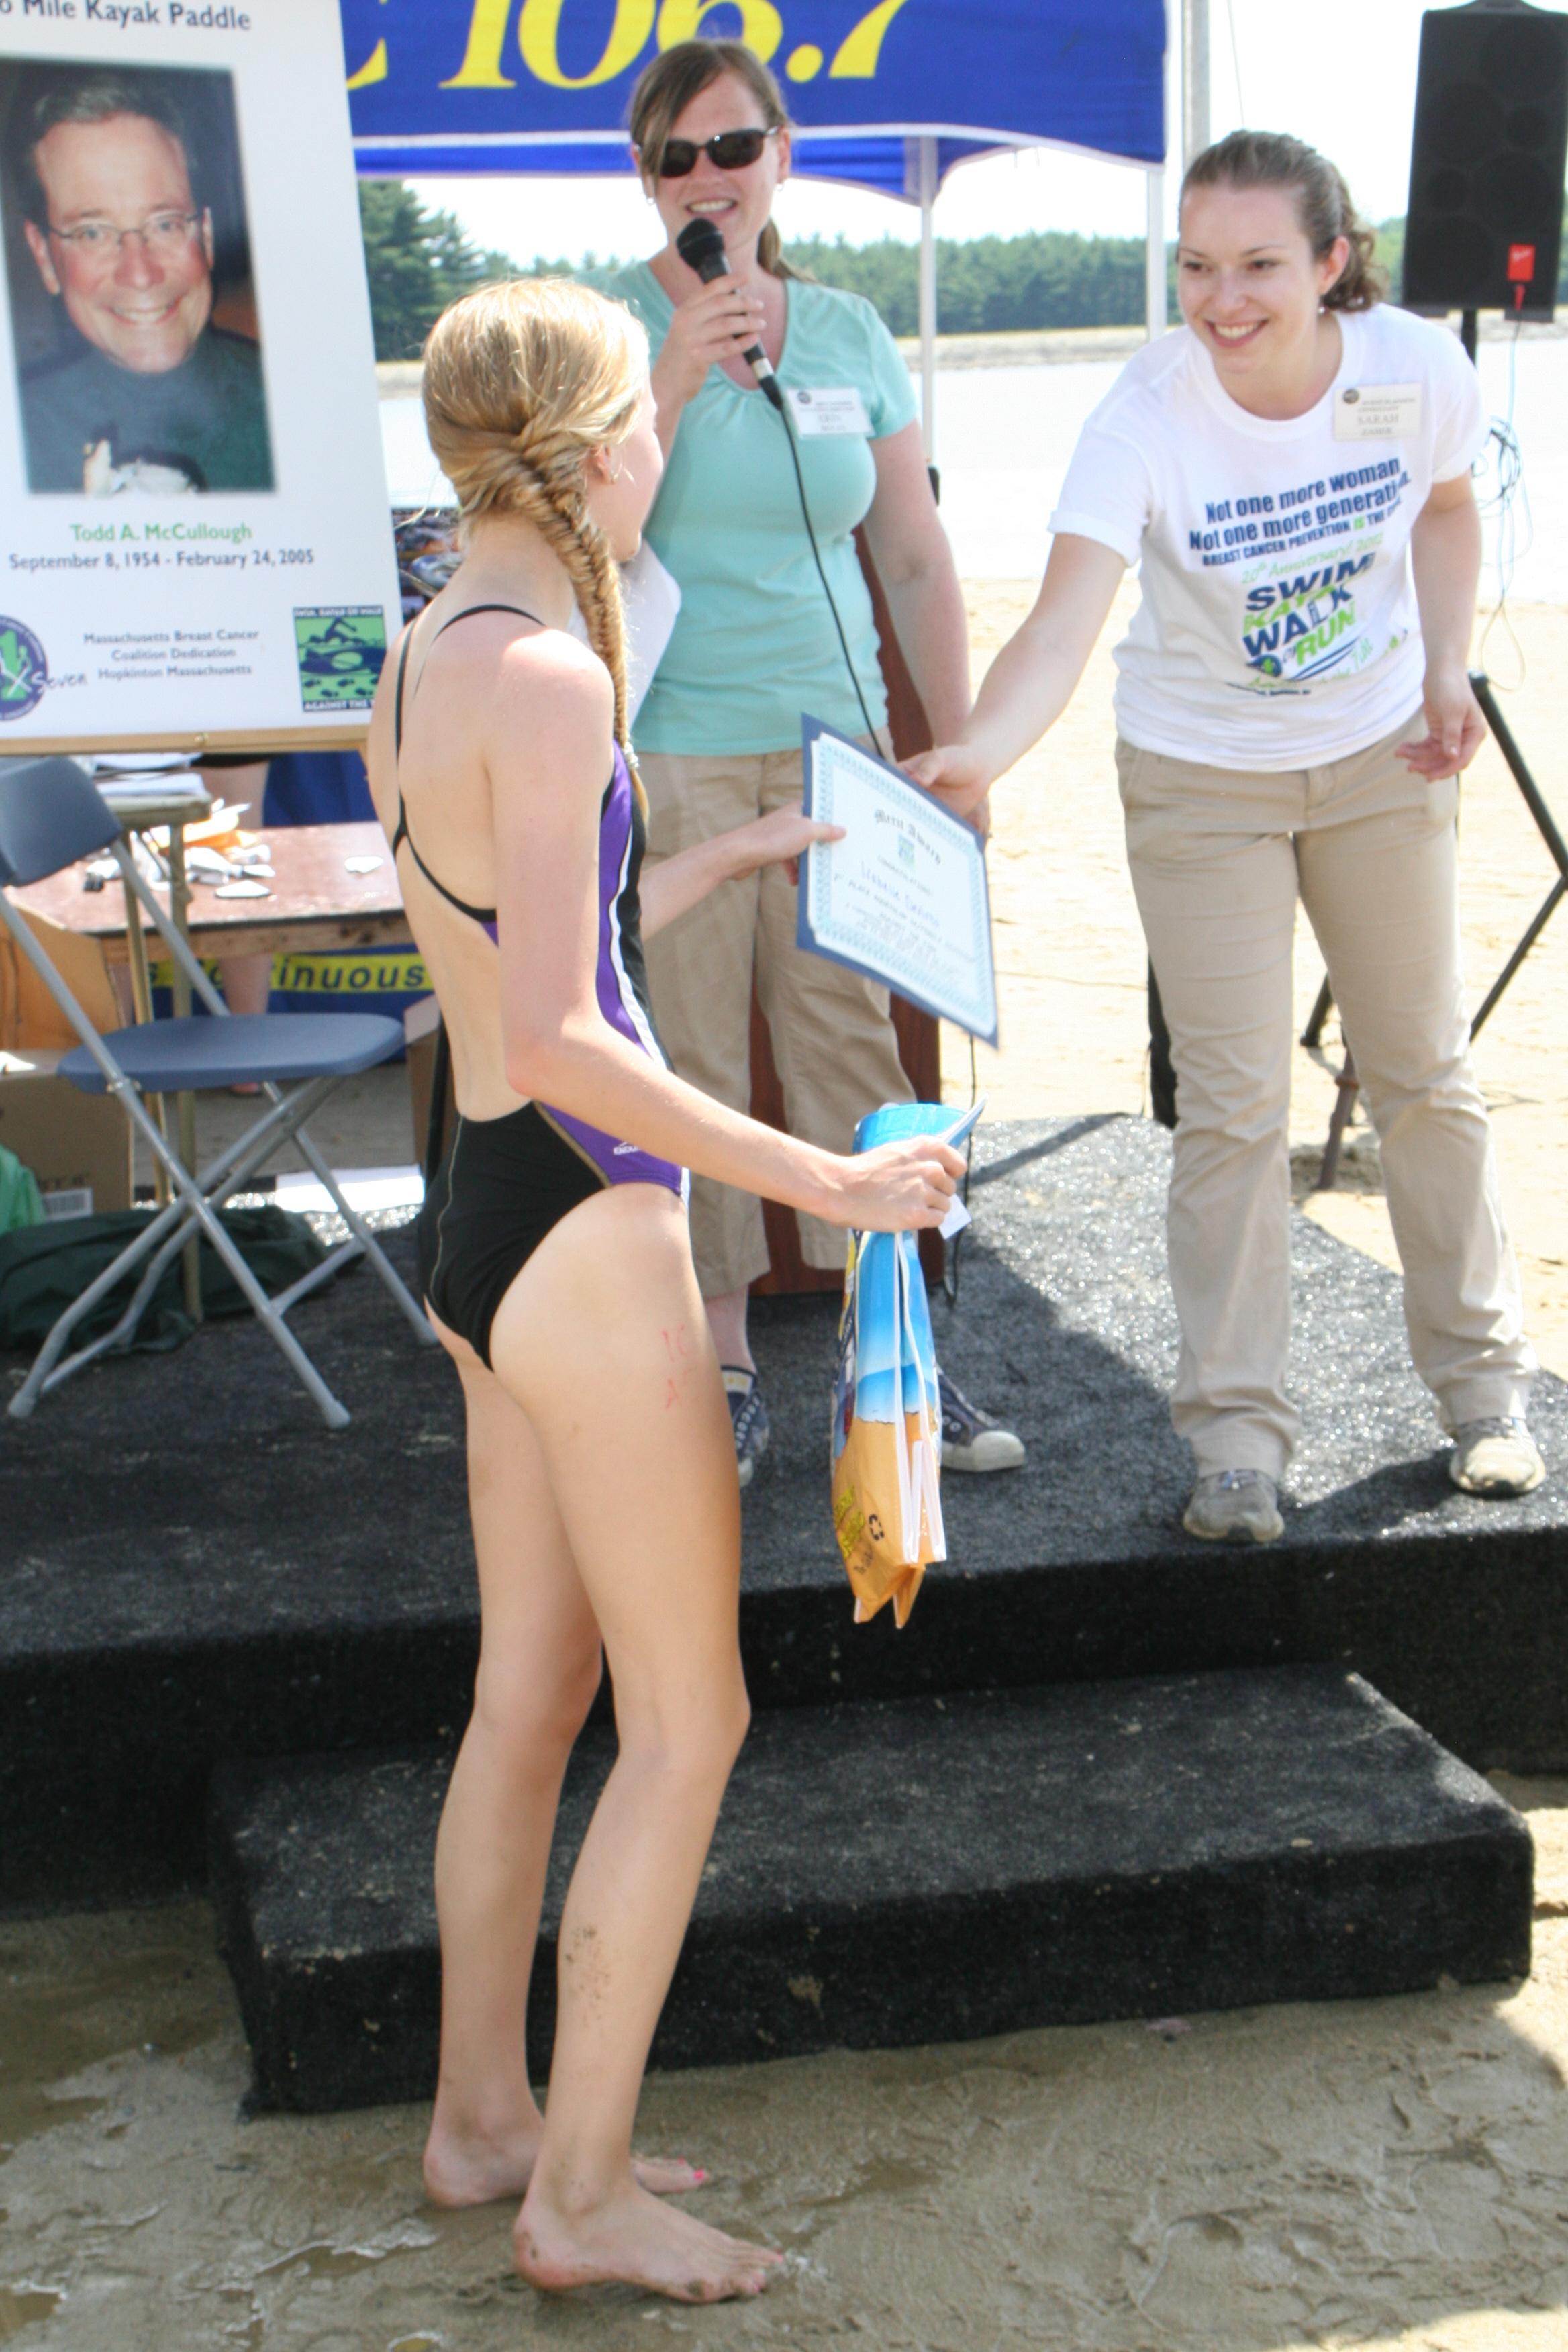 Swimmer Winner